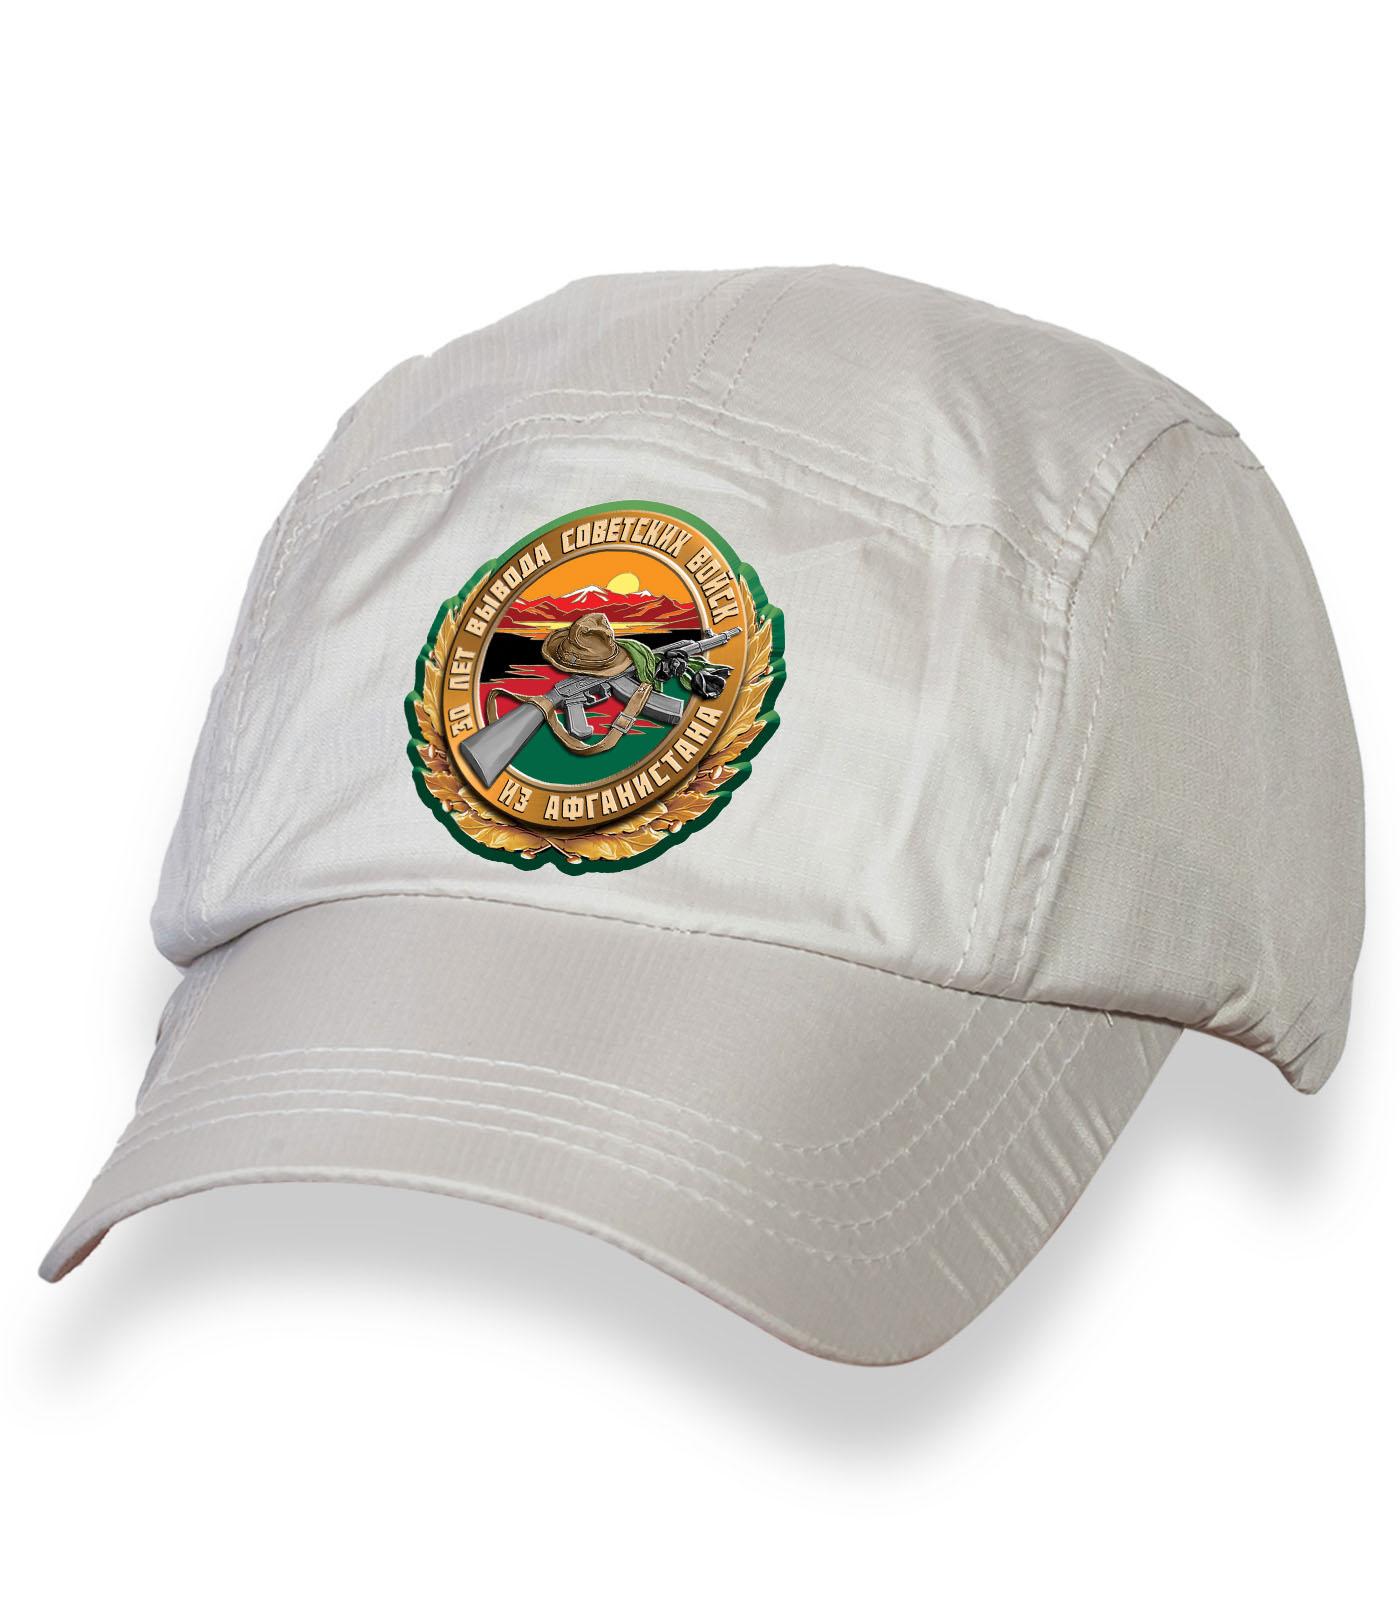 Белая крутая кепка-пятипанелька с юбилейной термонаклейкой